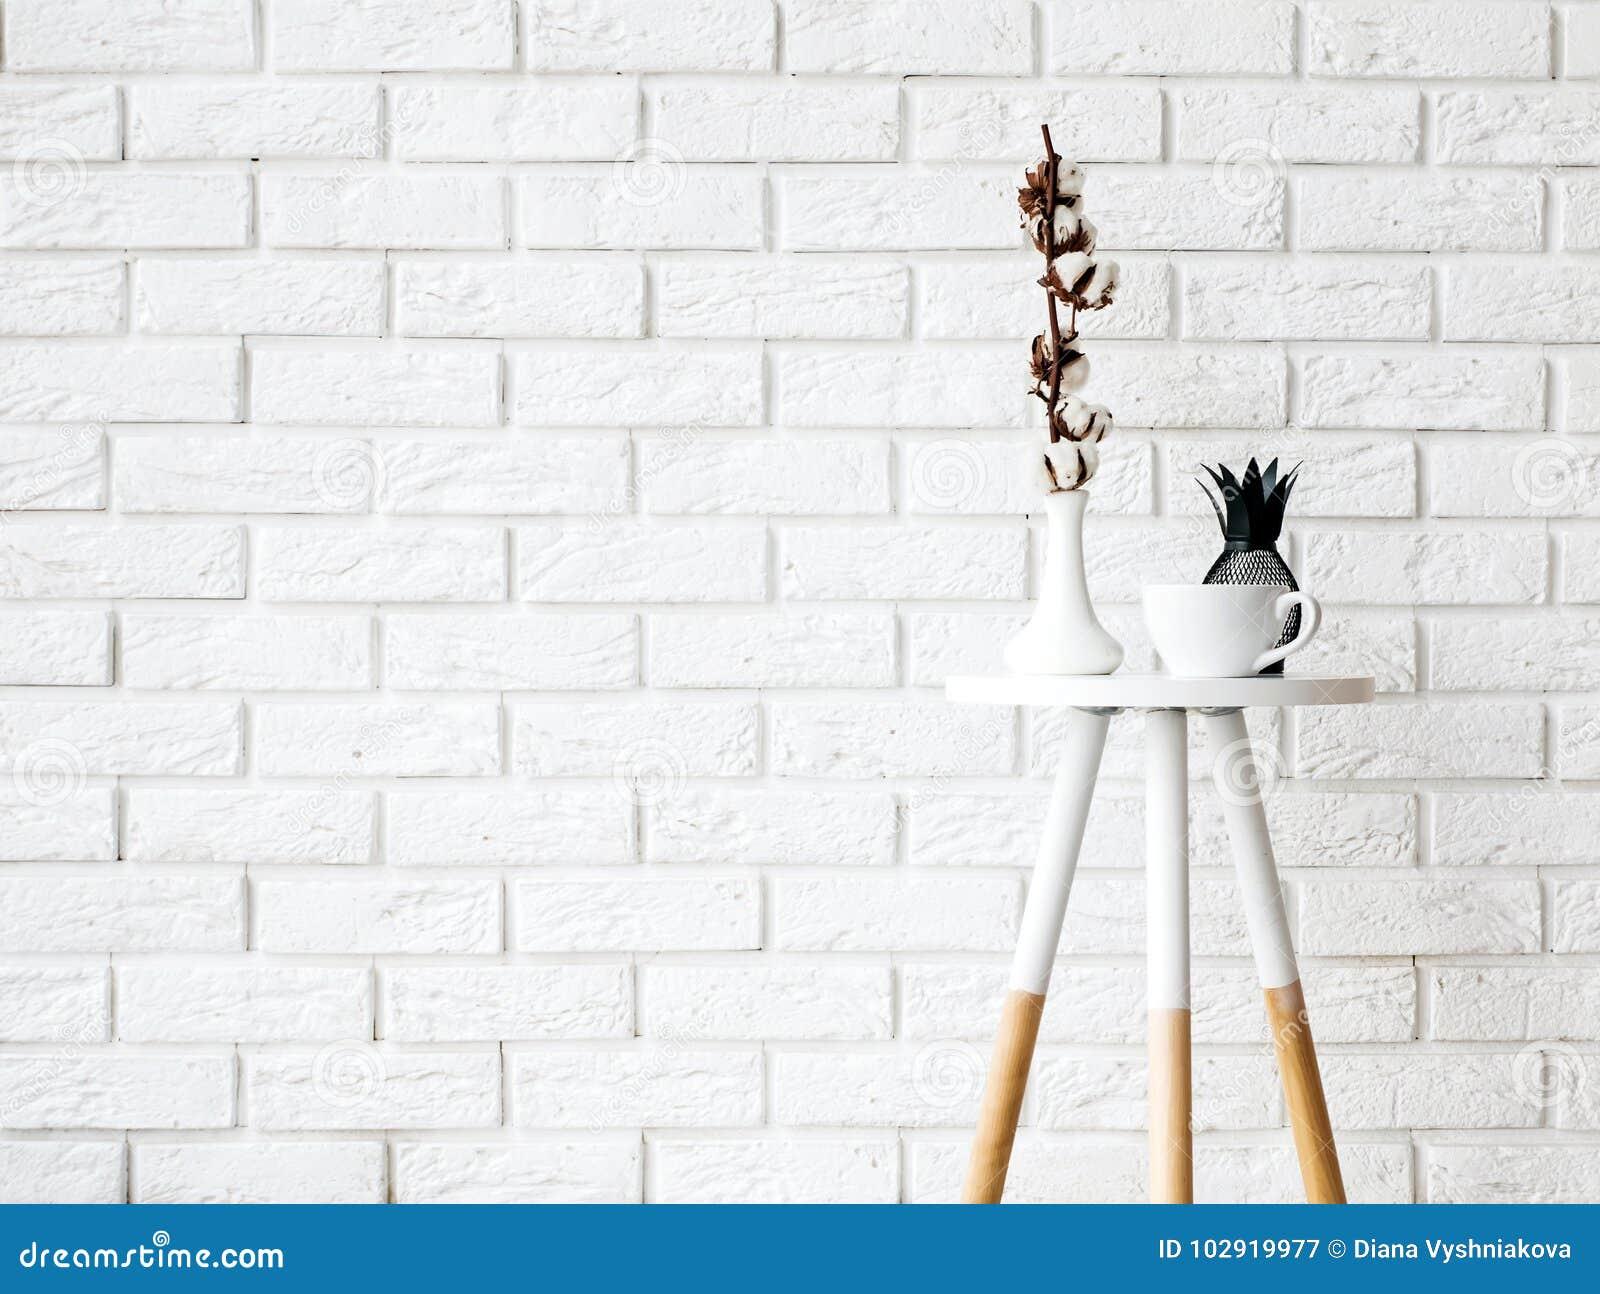 与杯子和装饰的小咖啡桌在白色砖墙ba